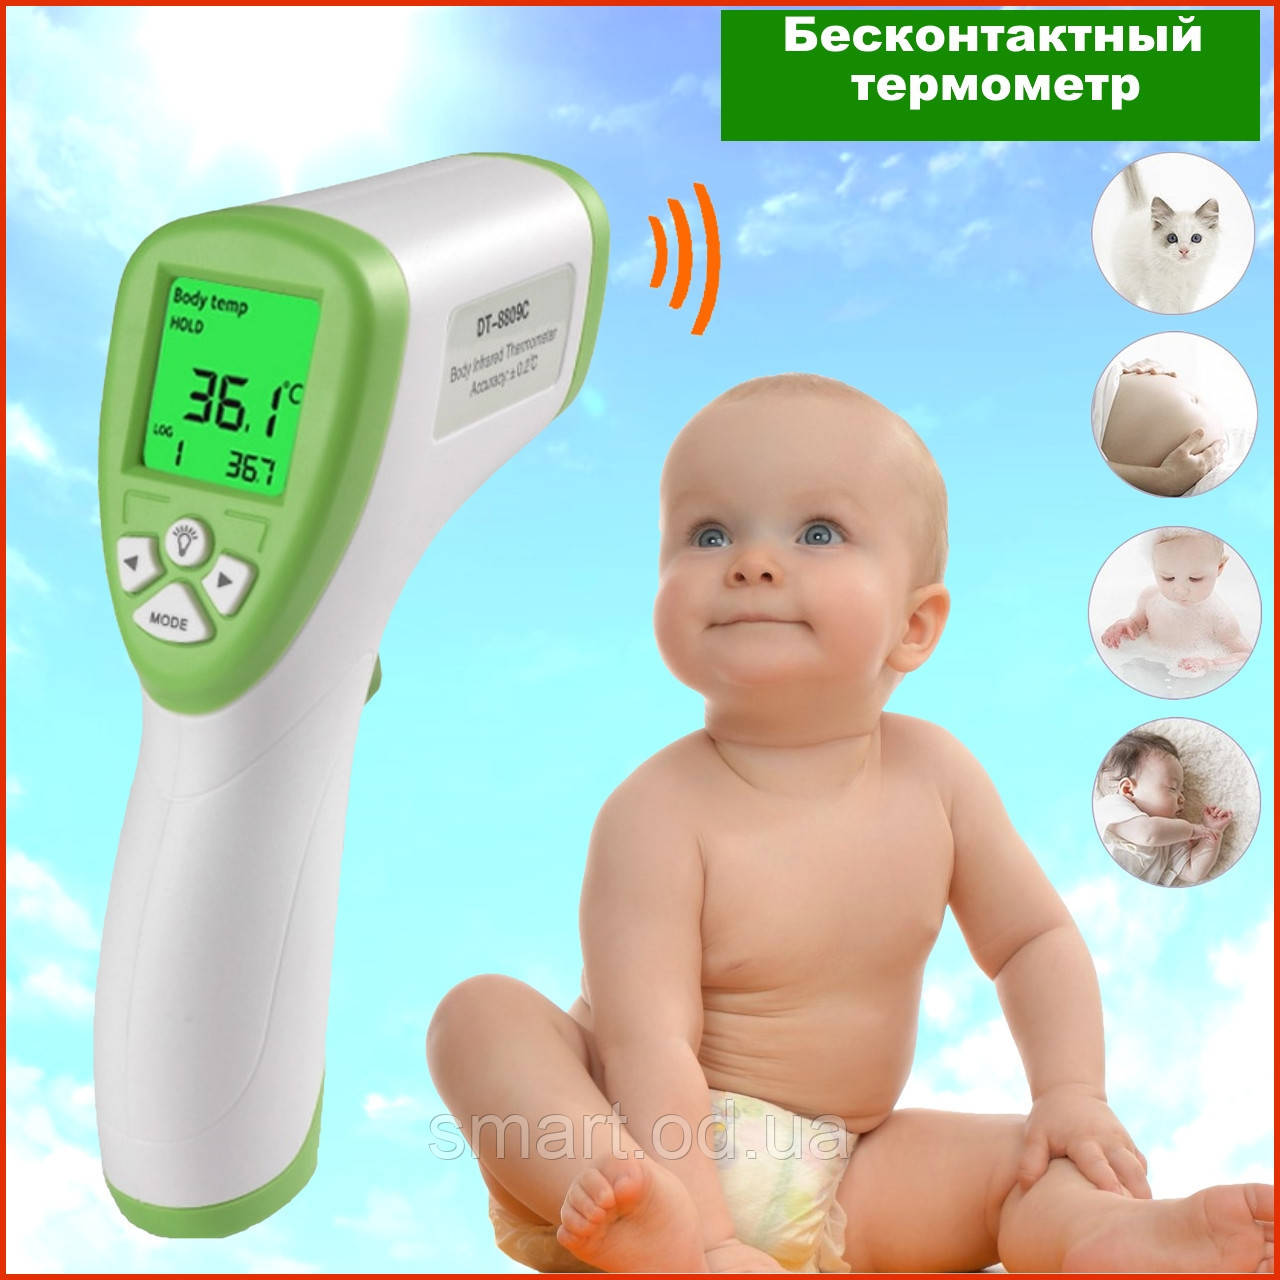 Бесконтактный медицинский инфракрасный термометр OU LI DE градусник портативный дистанционный